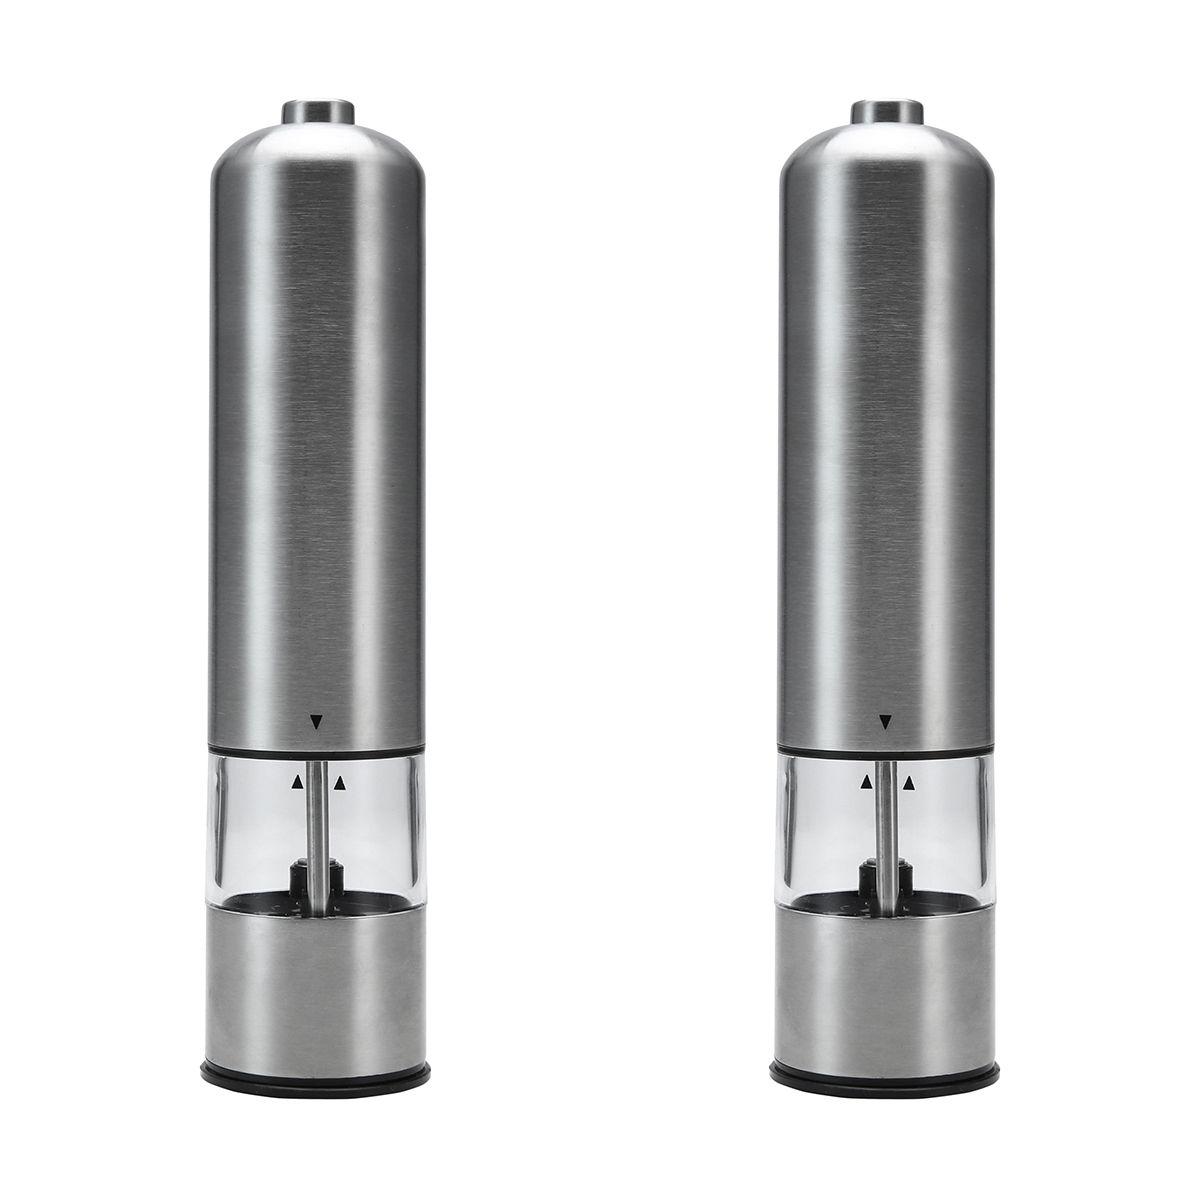 2 pack stainless steel electric salt pepper grinders